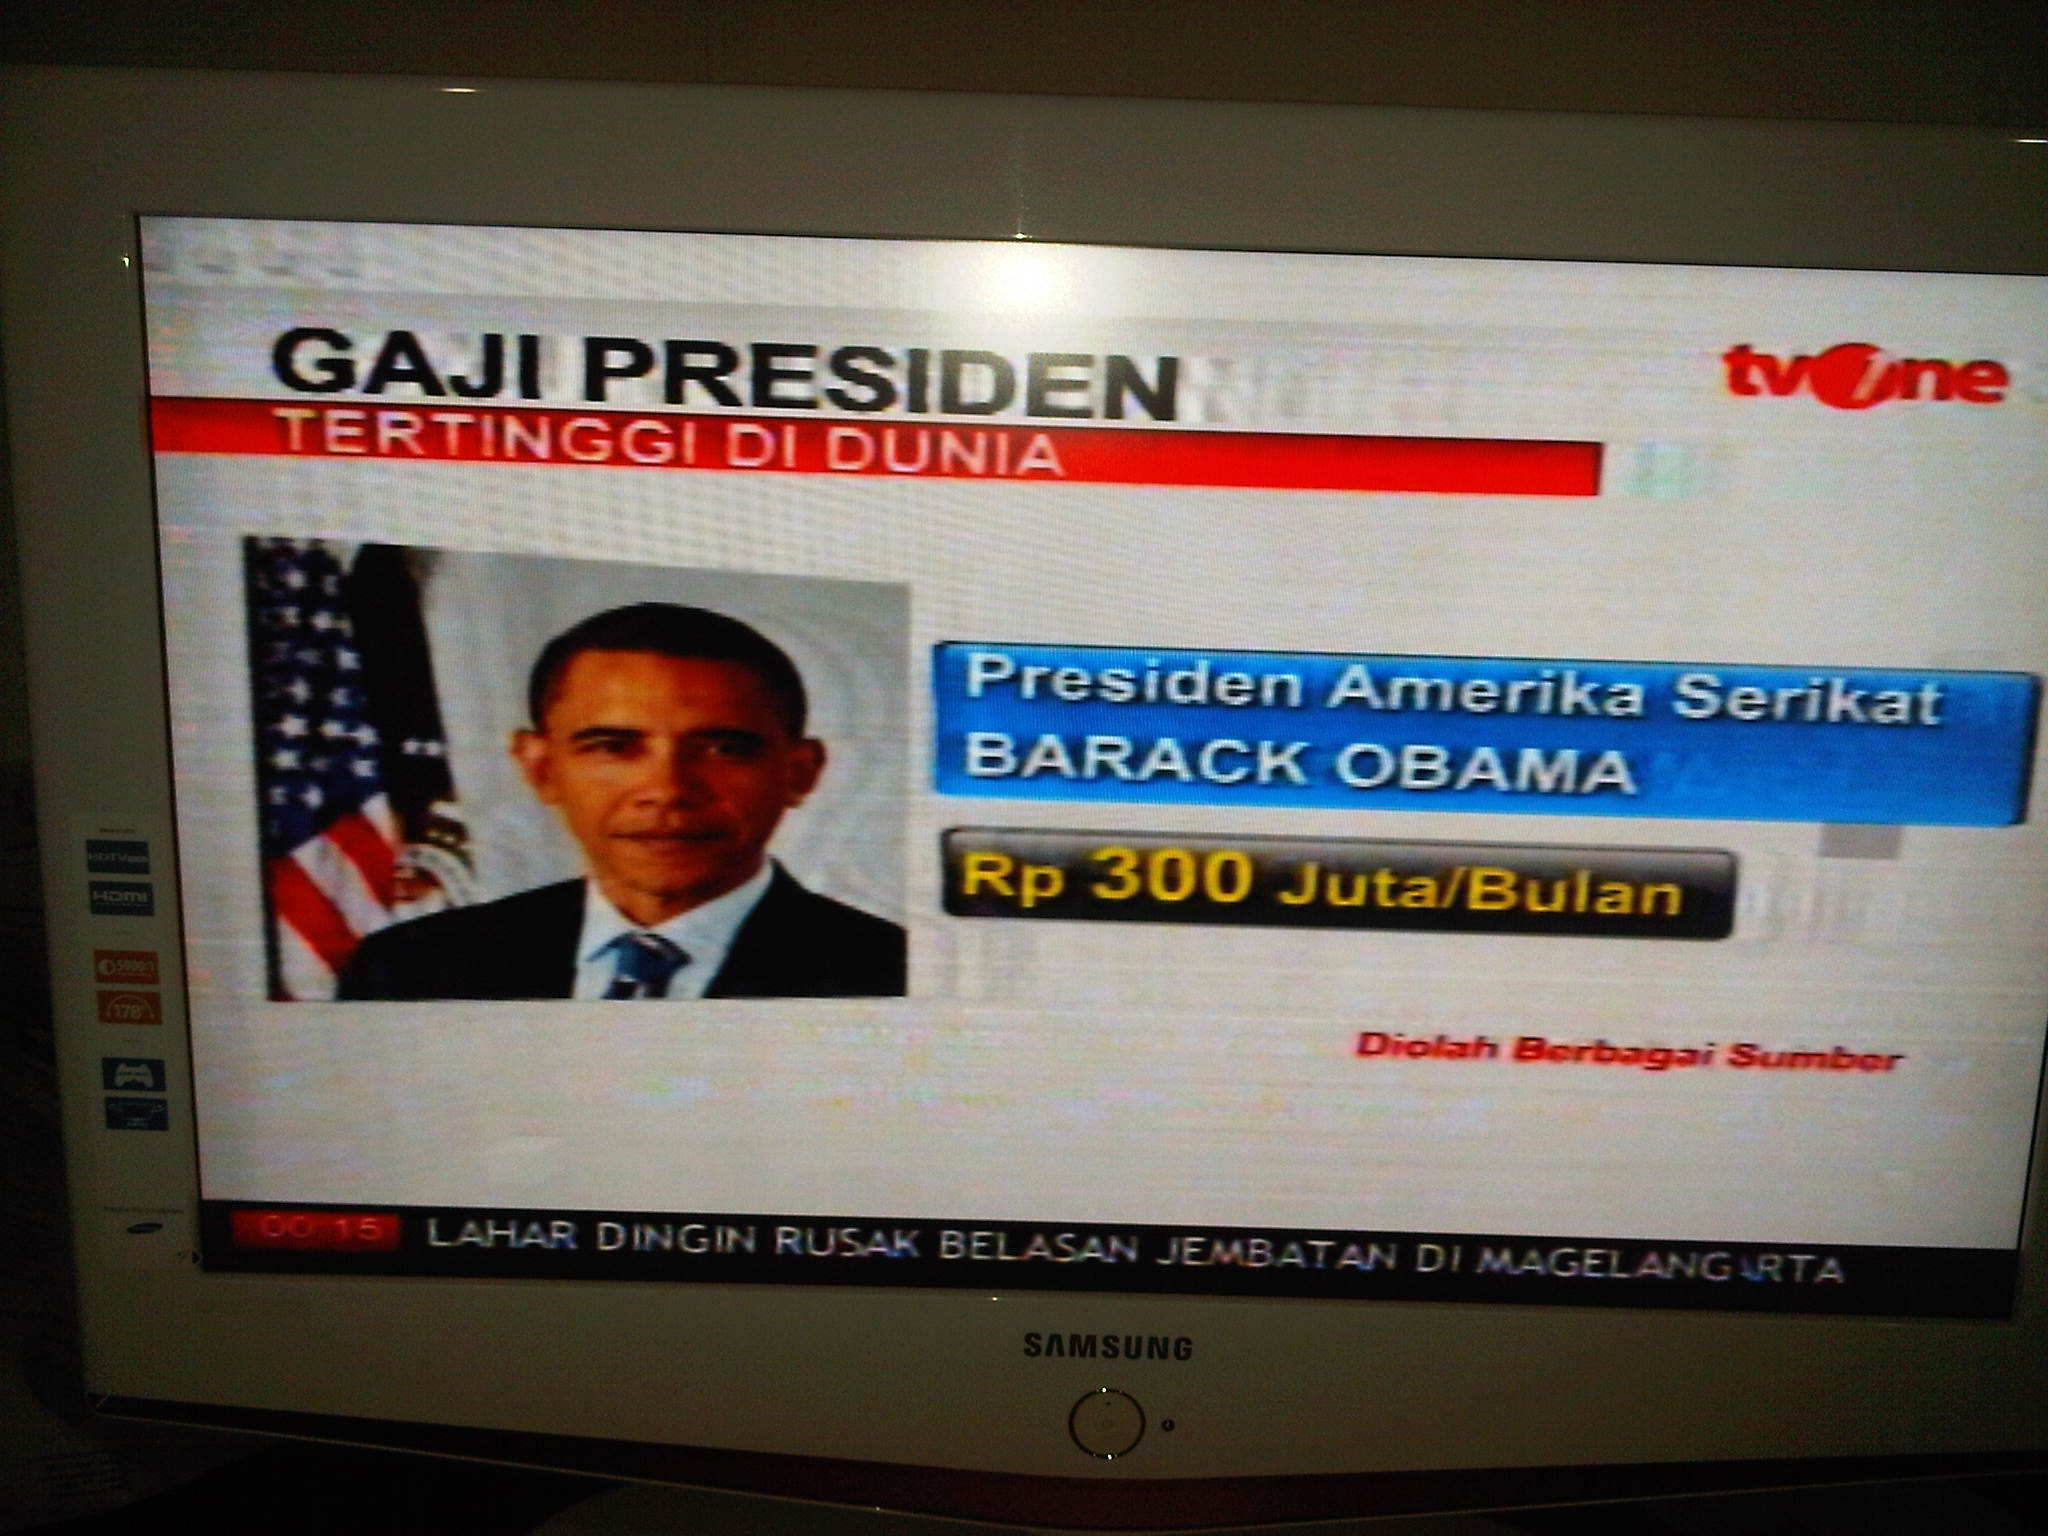 gaji presiden Barrack Obama